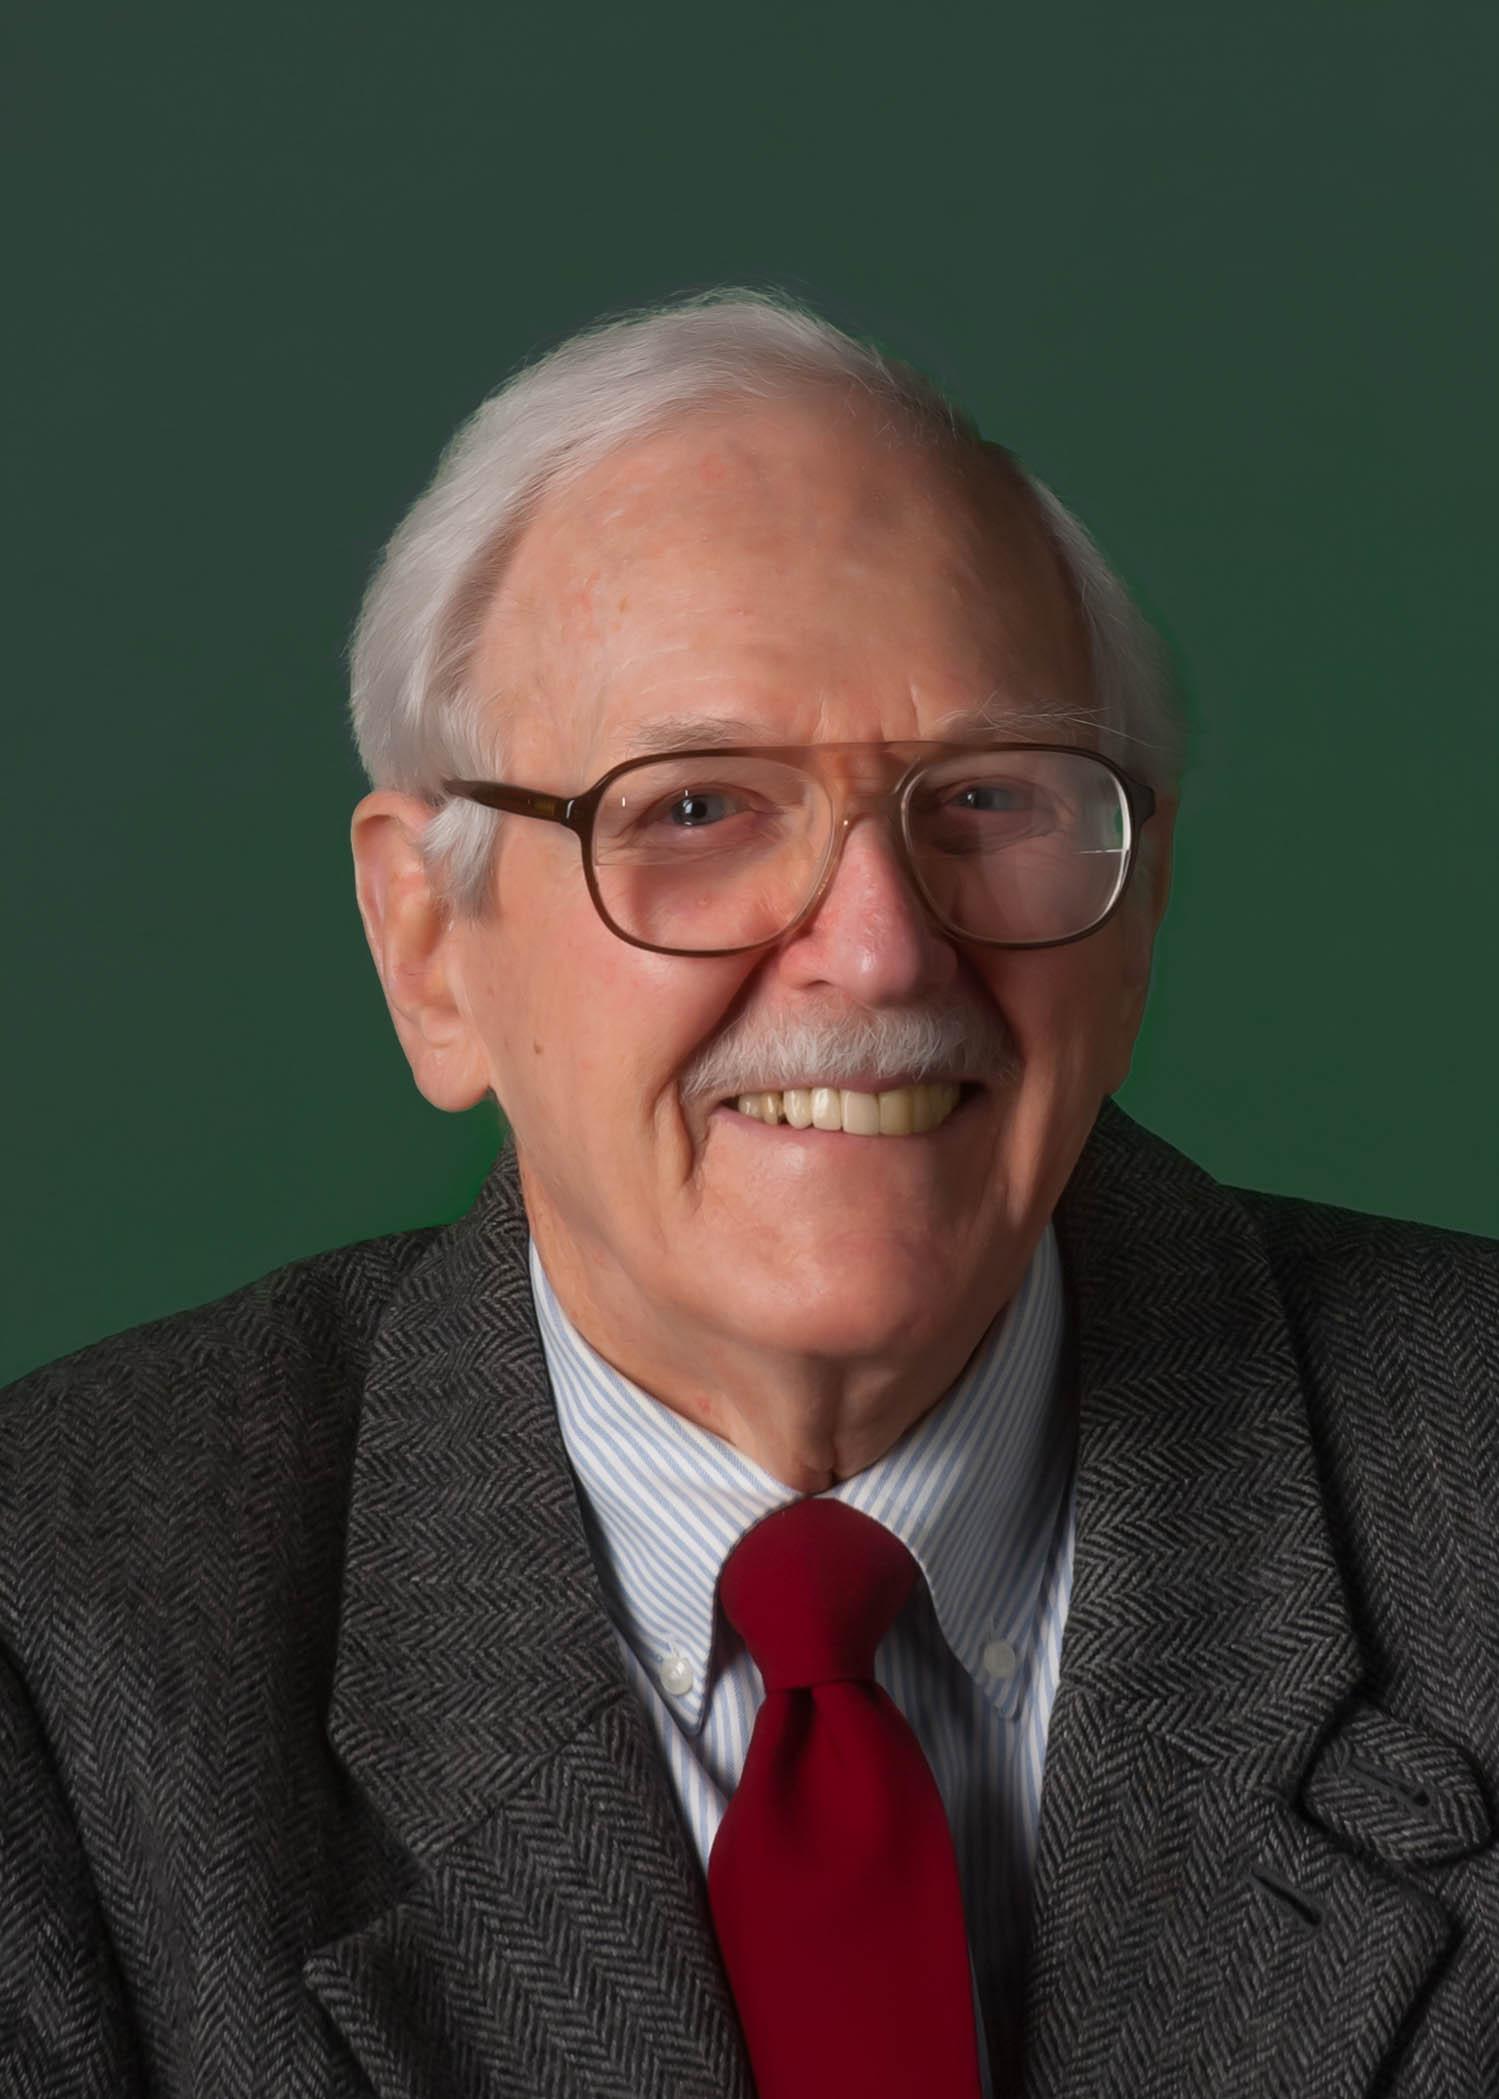 John D. Berkley